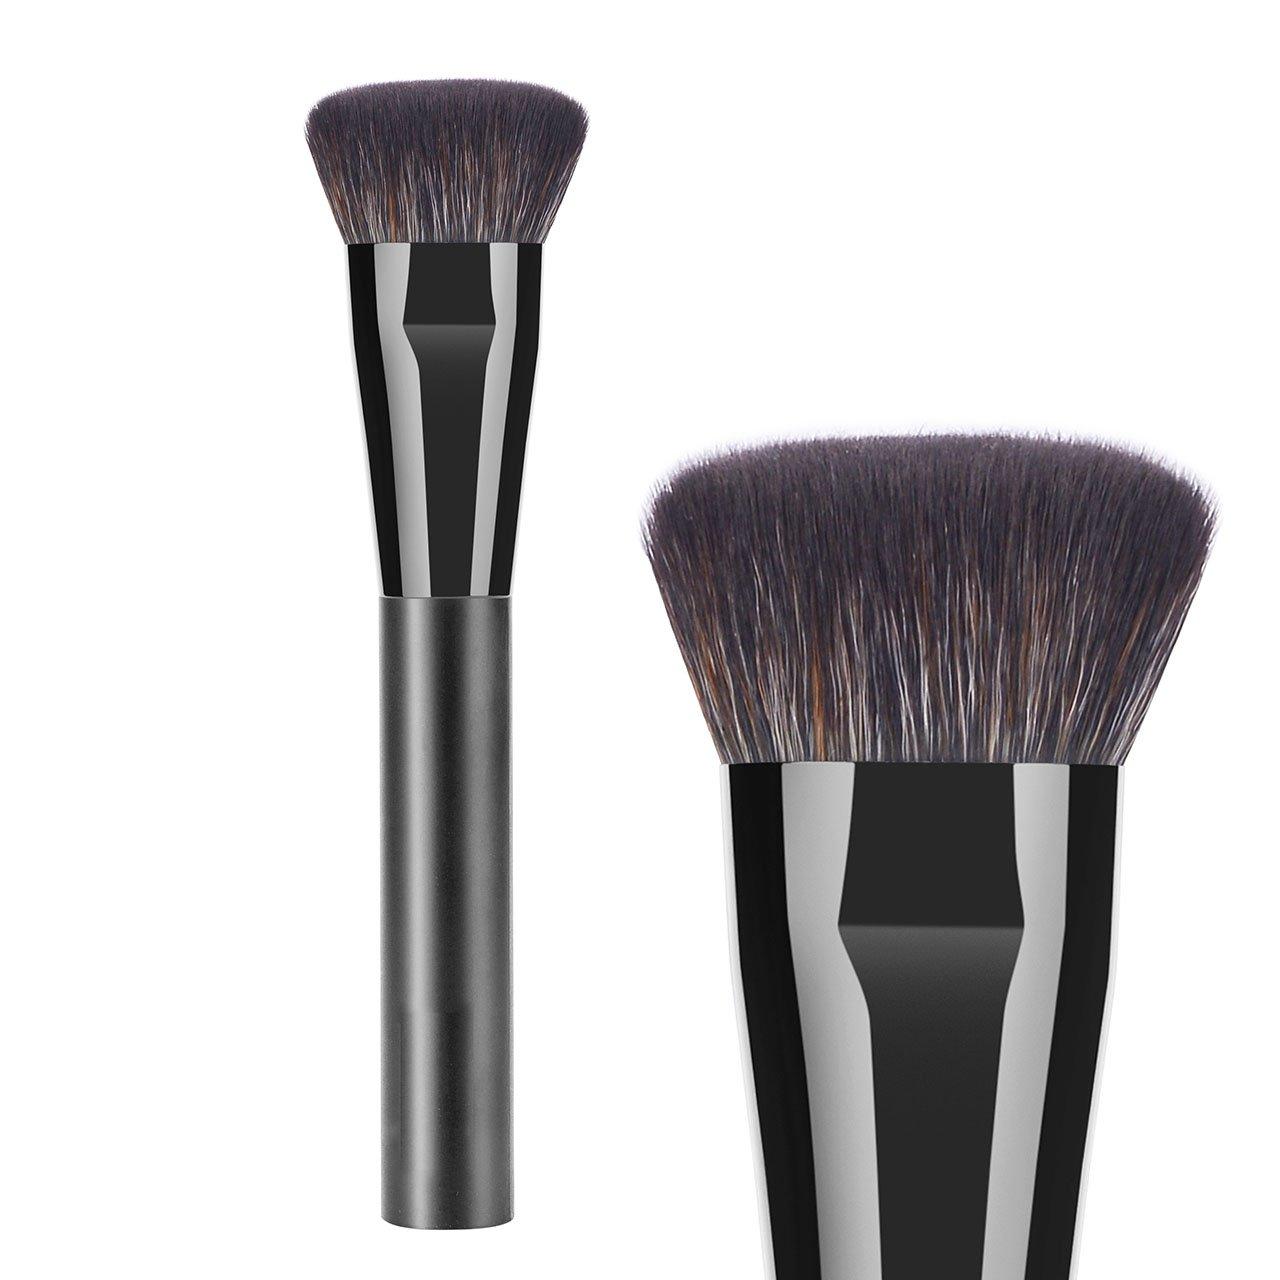 vela.yue Pro Flat Contour Brush Face Sculpting Makeup Brush VY